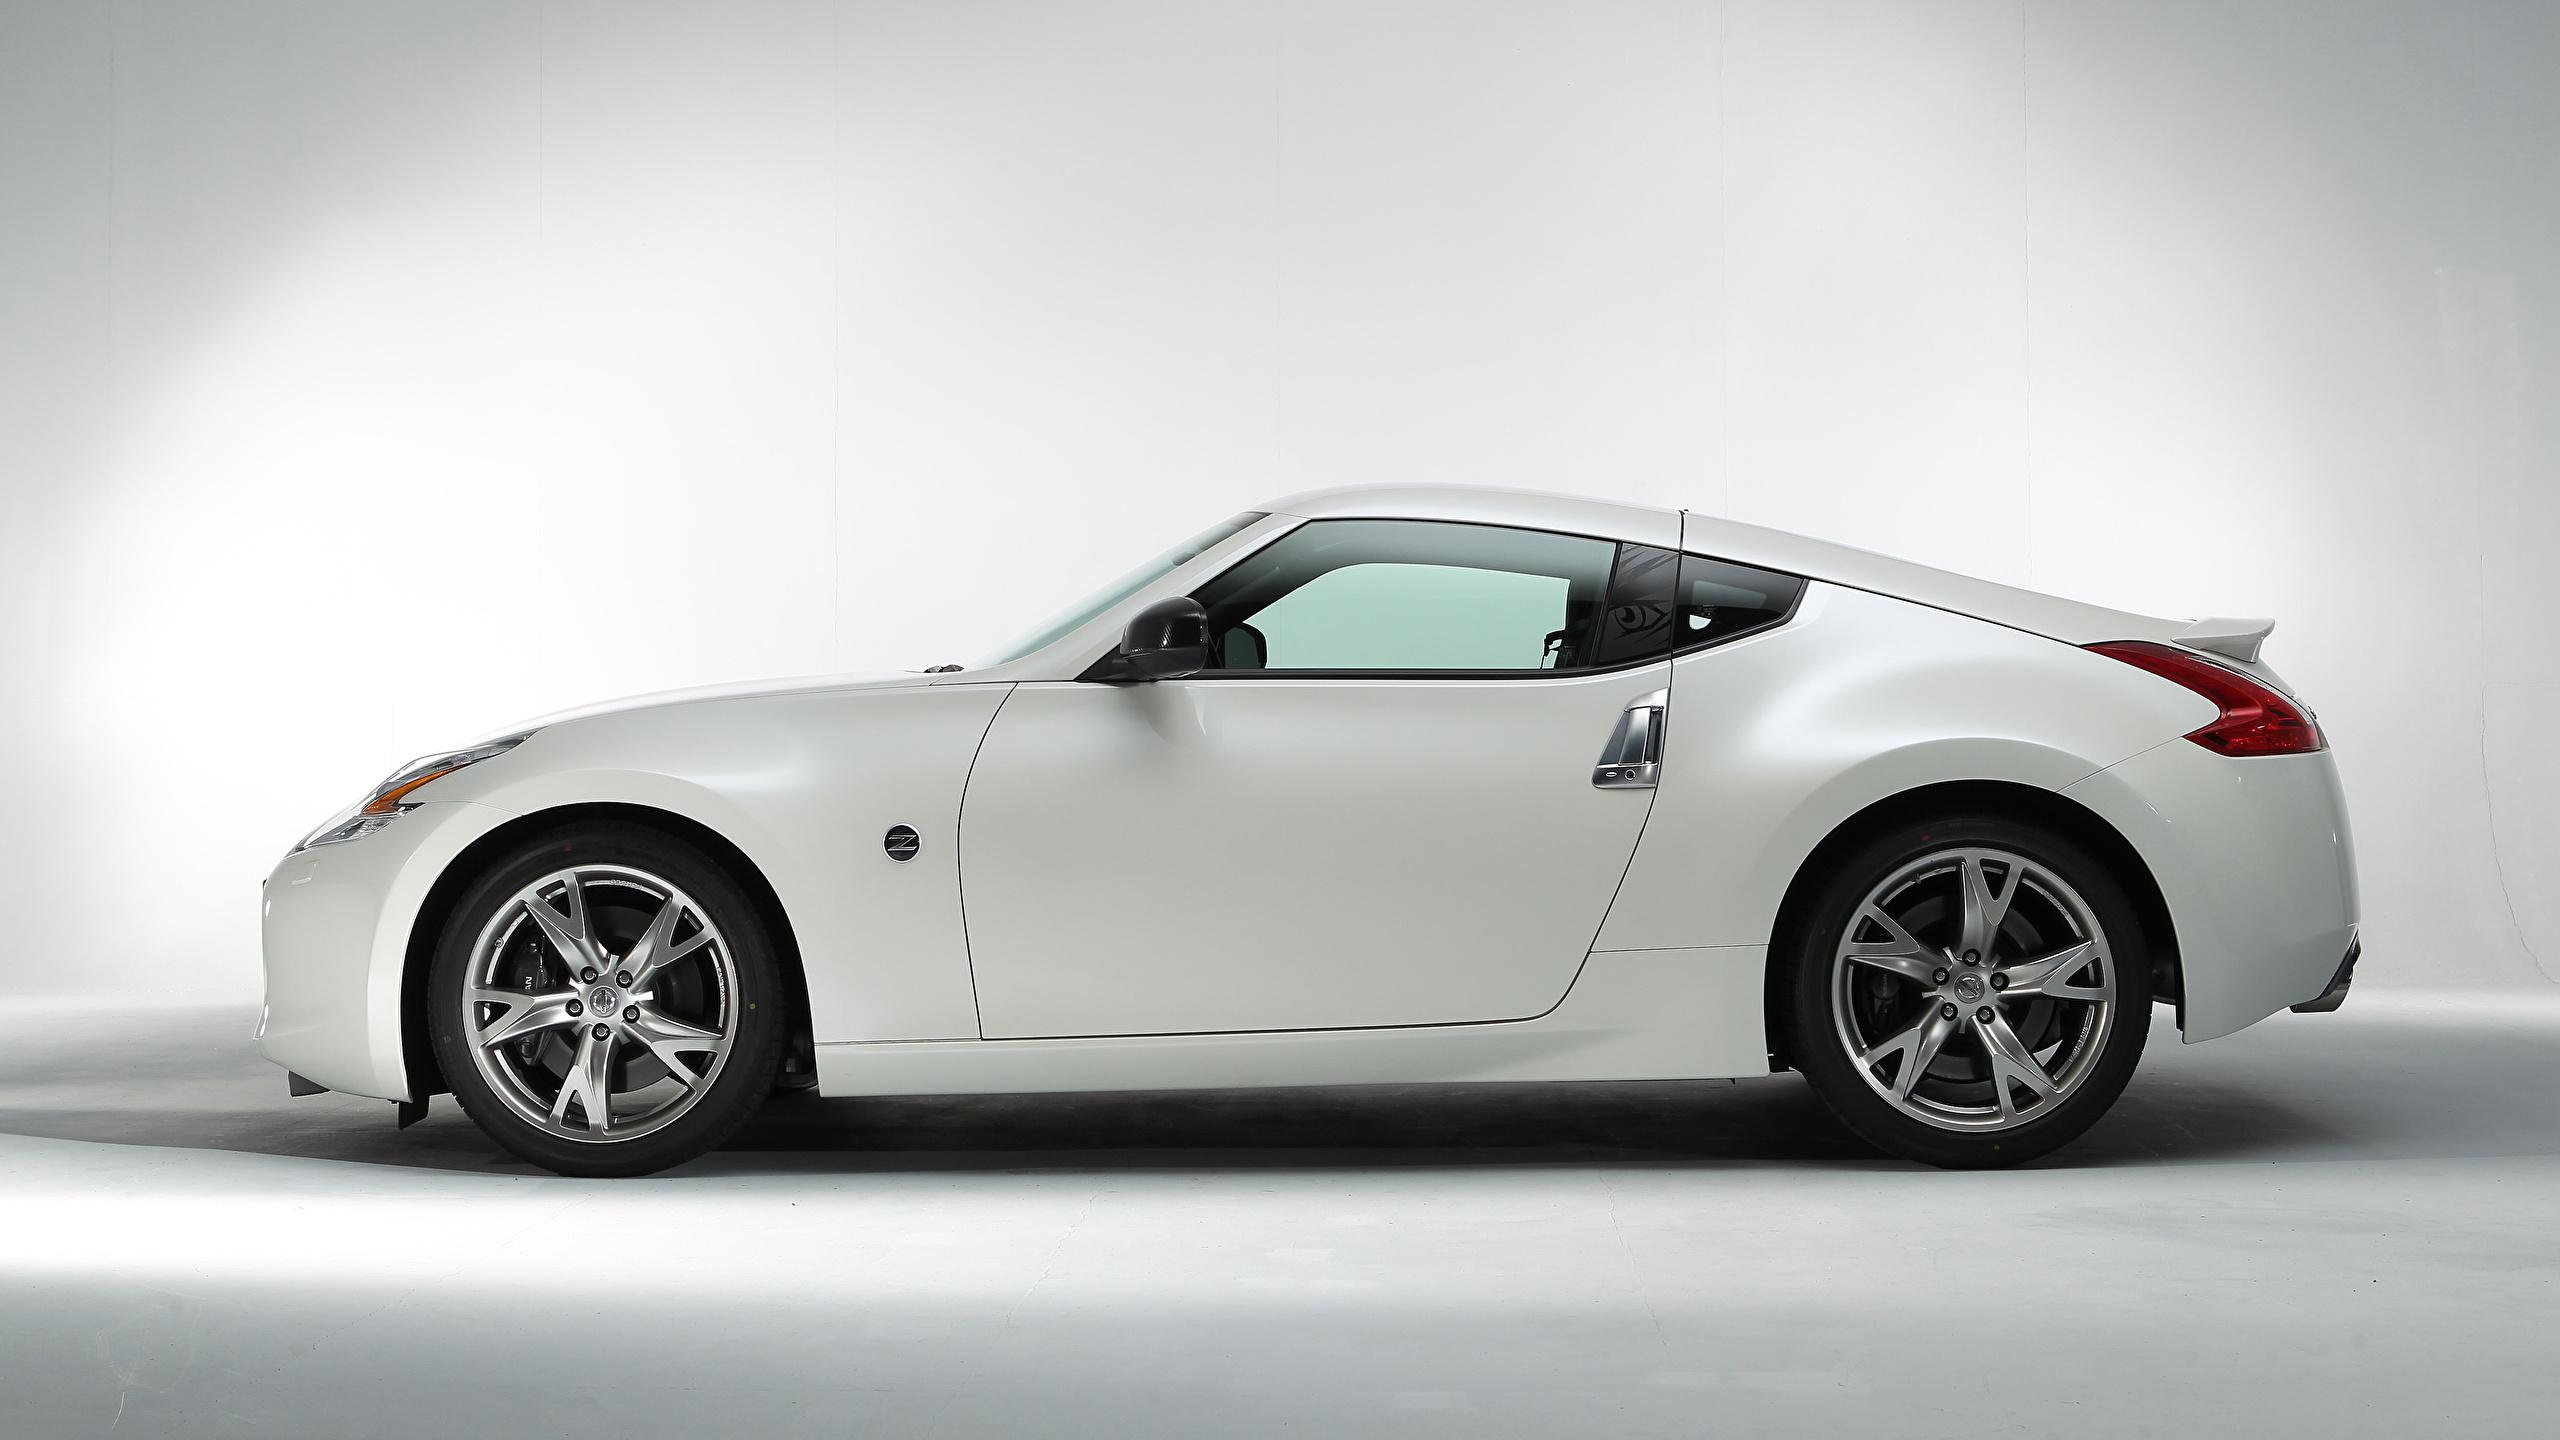 Обои для рабочего стола Ниссан 370Z Signatech (Z34), 2012 белых Сбоку Металлик автомобиль 2560x1440 Nissan белая белые Белый авто машины машина Автомобили